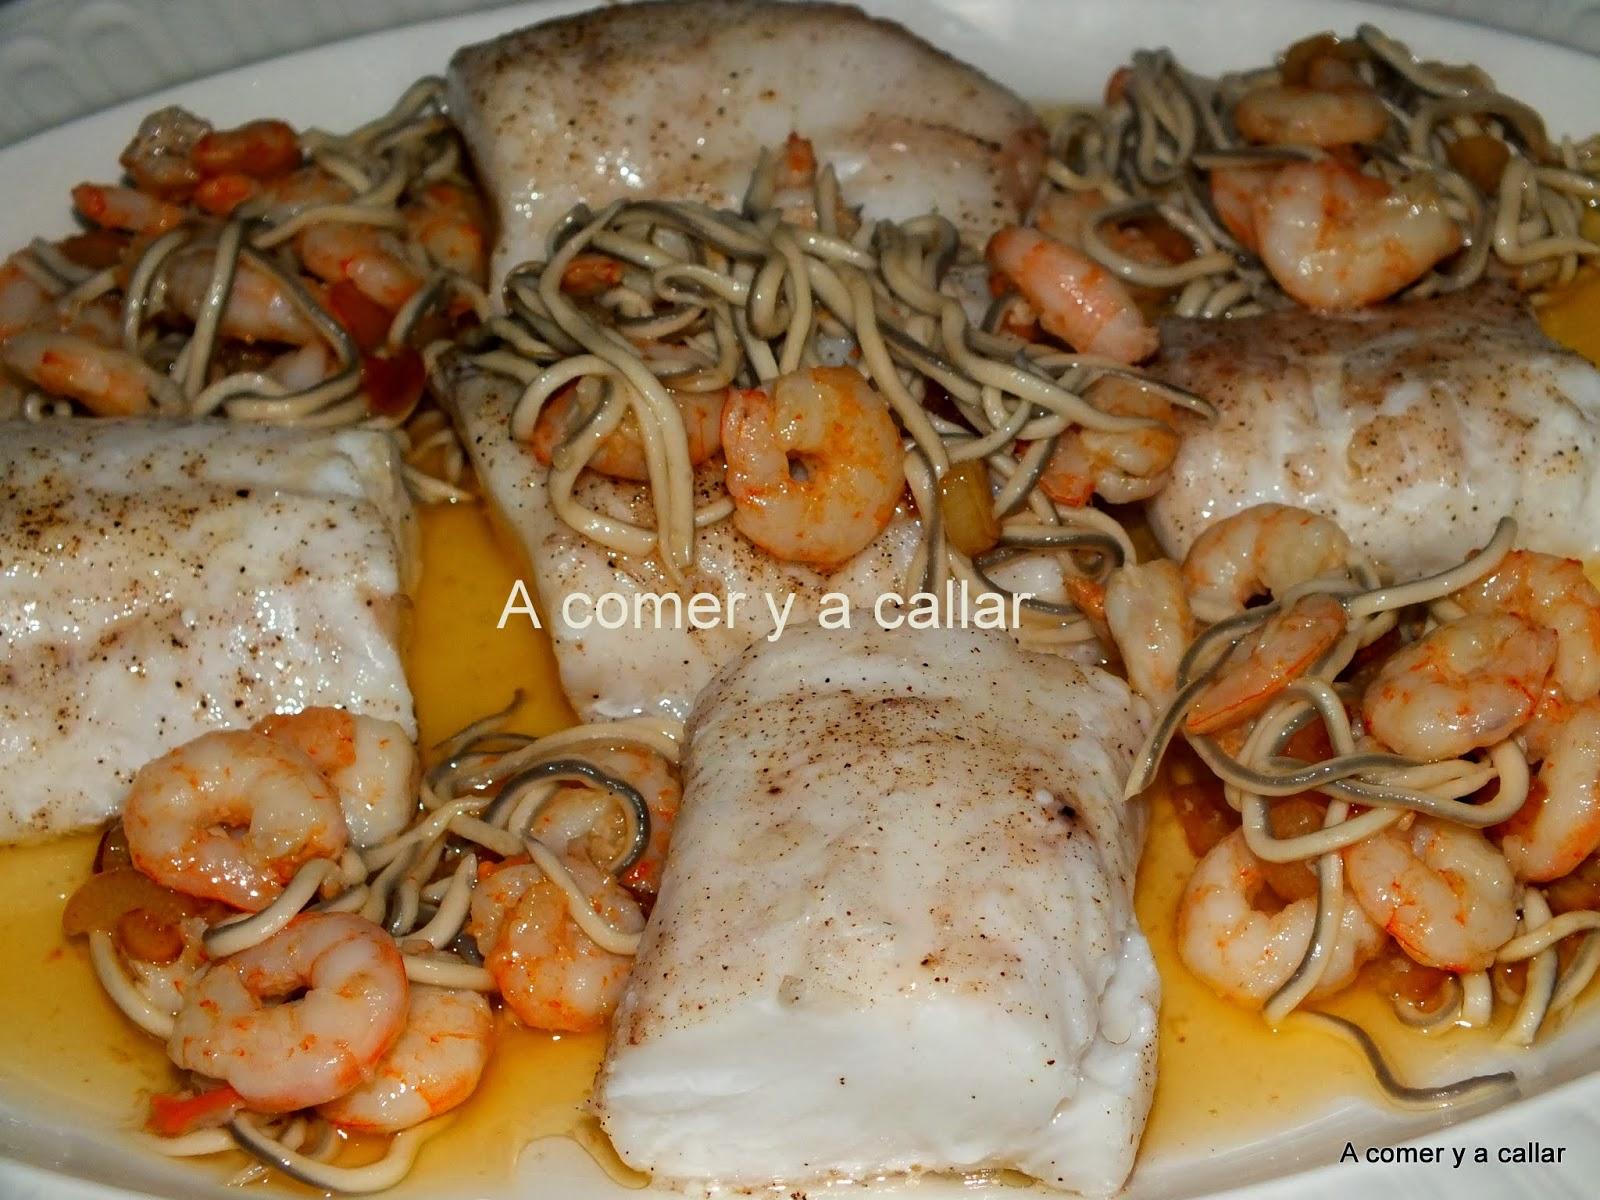 A comer y a callar merluza al horno con gulas y gambas - Merluza rellena de marisco al horno ...